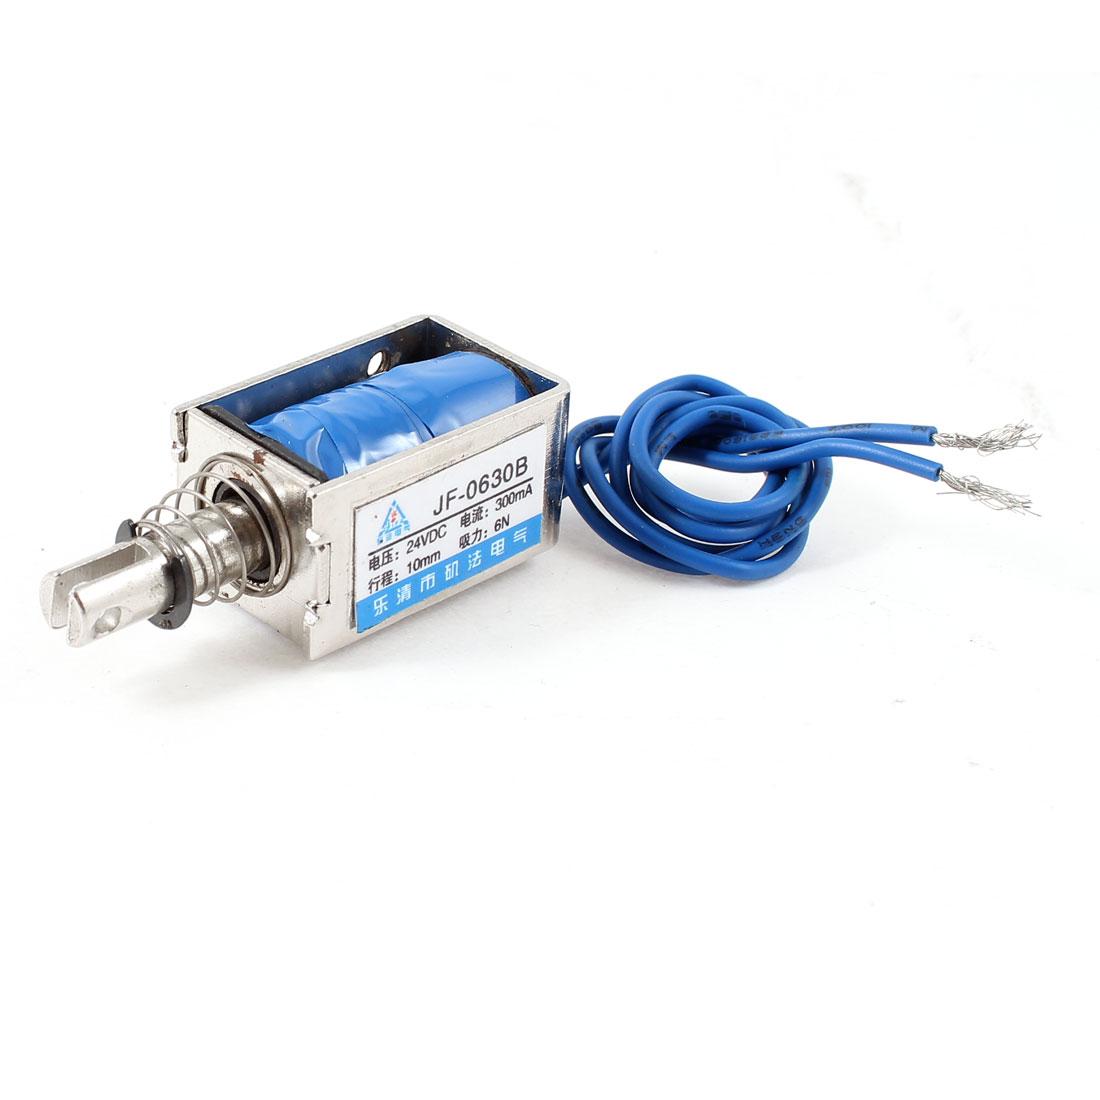 10mm Stroke 0.6Kg Force Push Pull Open Frame Solenoid Electromagnet DC 24V 0.3A